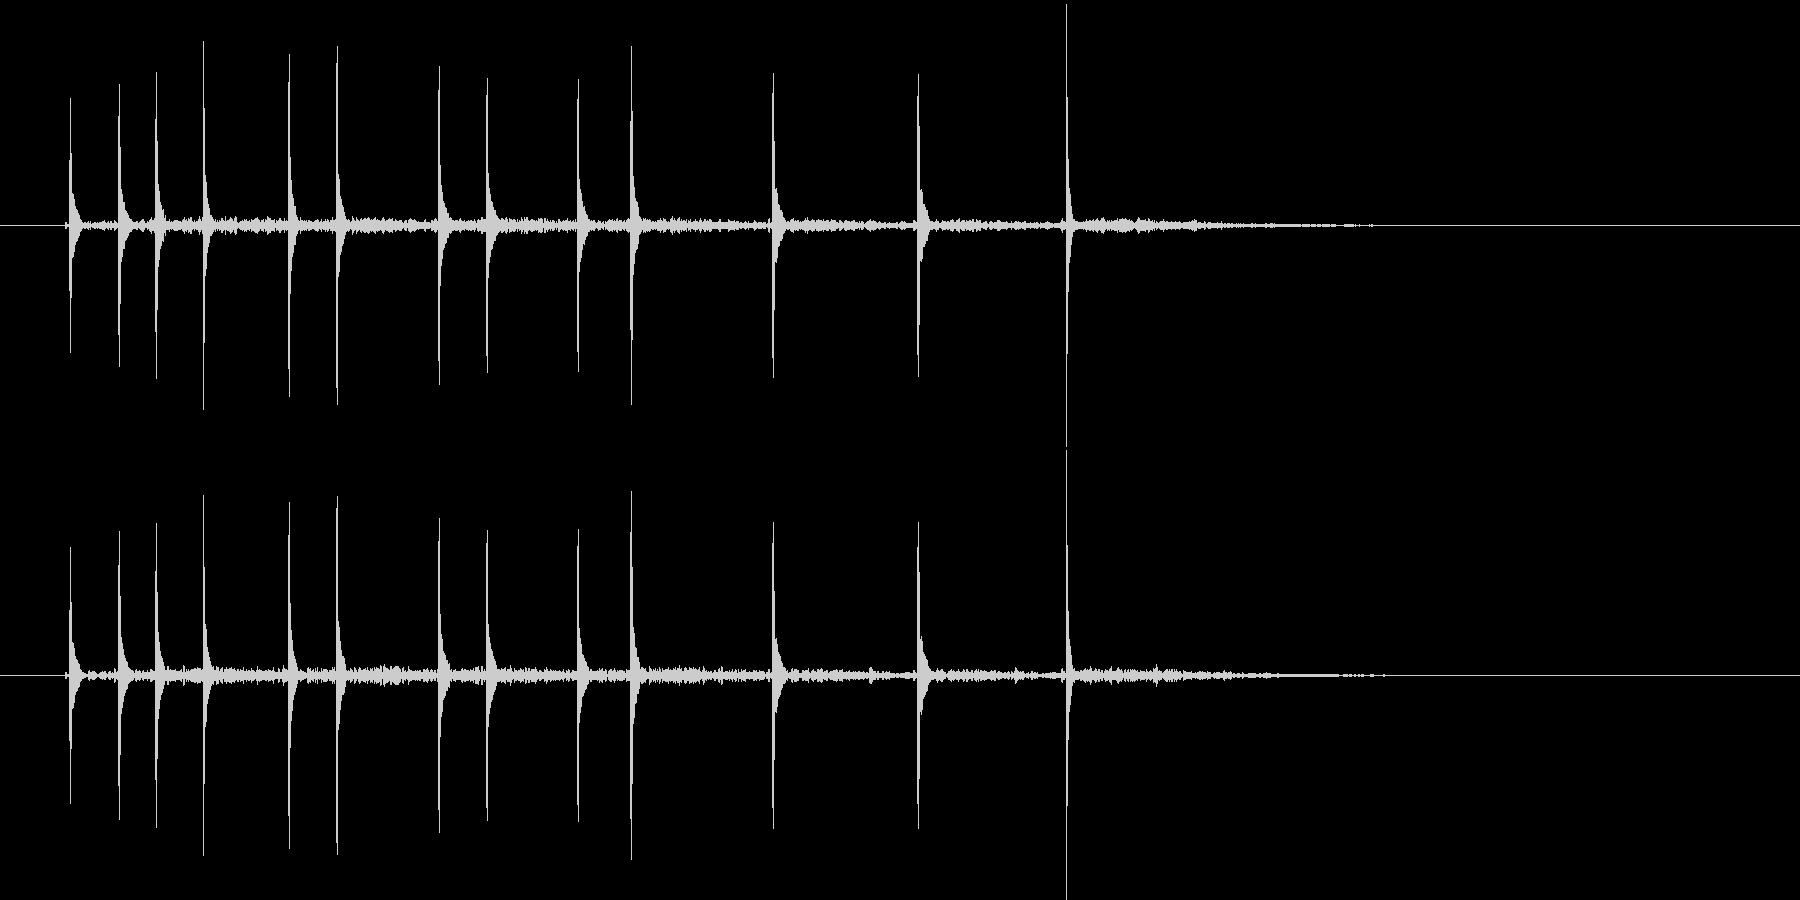 コココッココーチン(ハネ感のある効果音)の未再生の波形